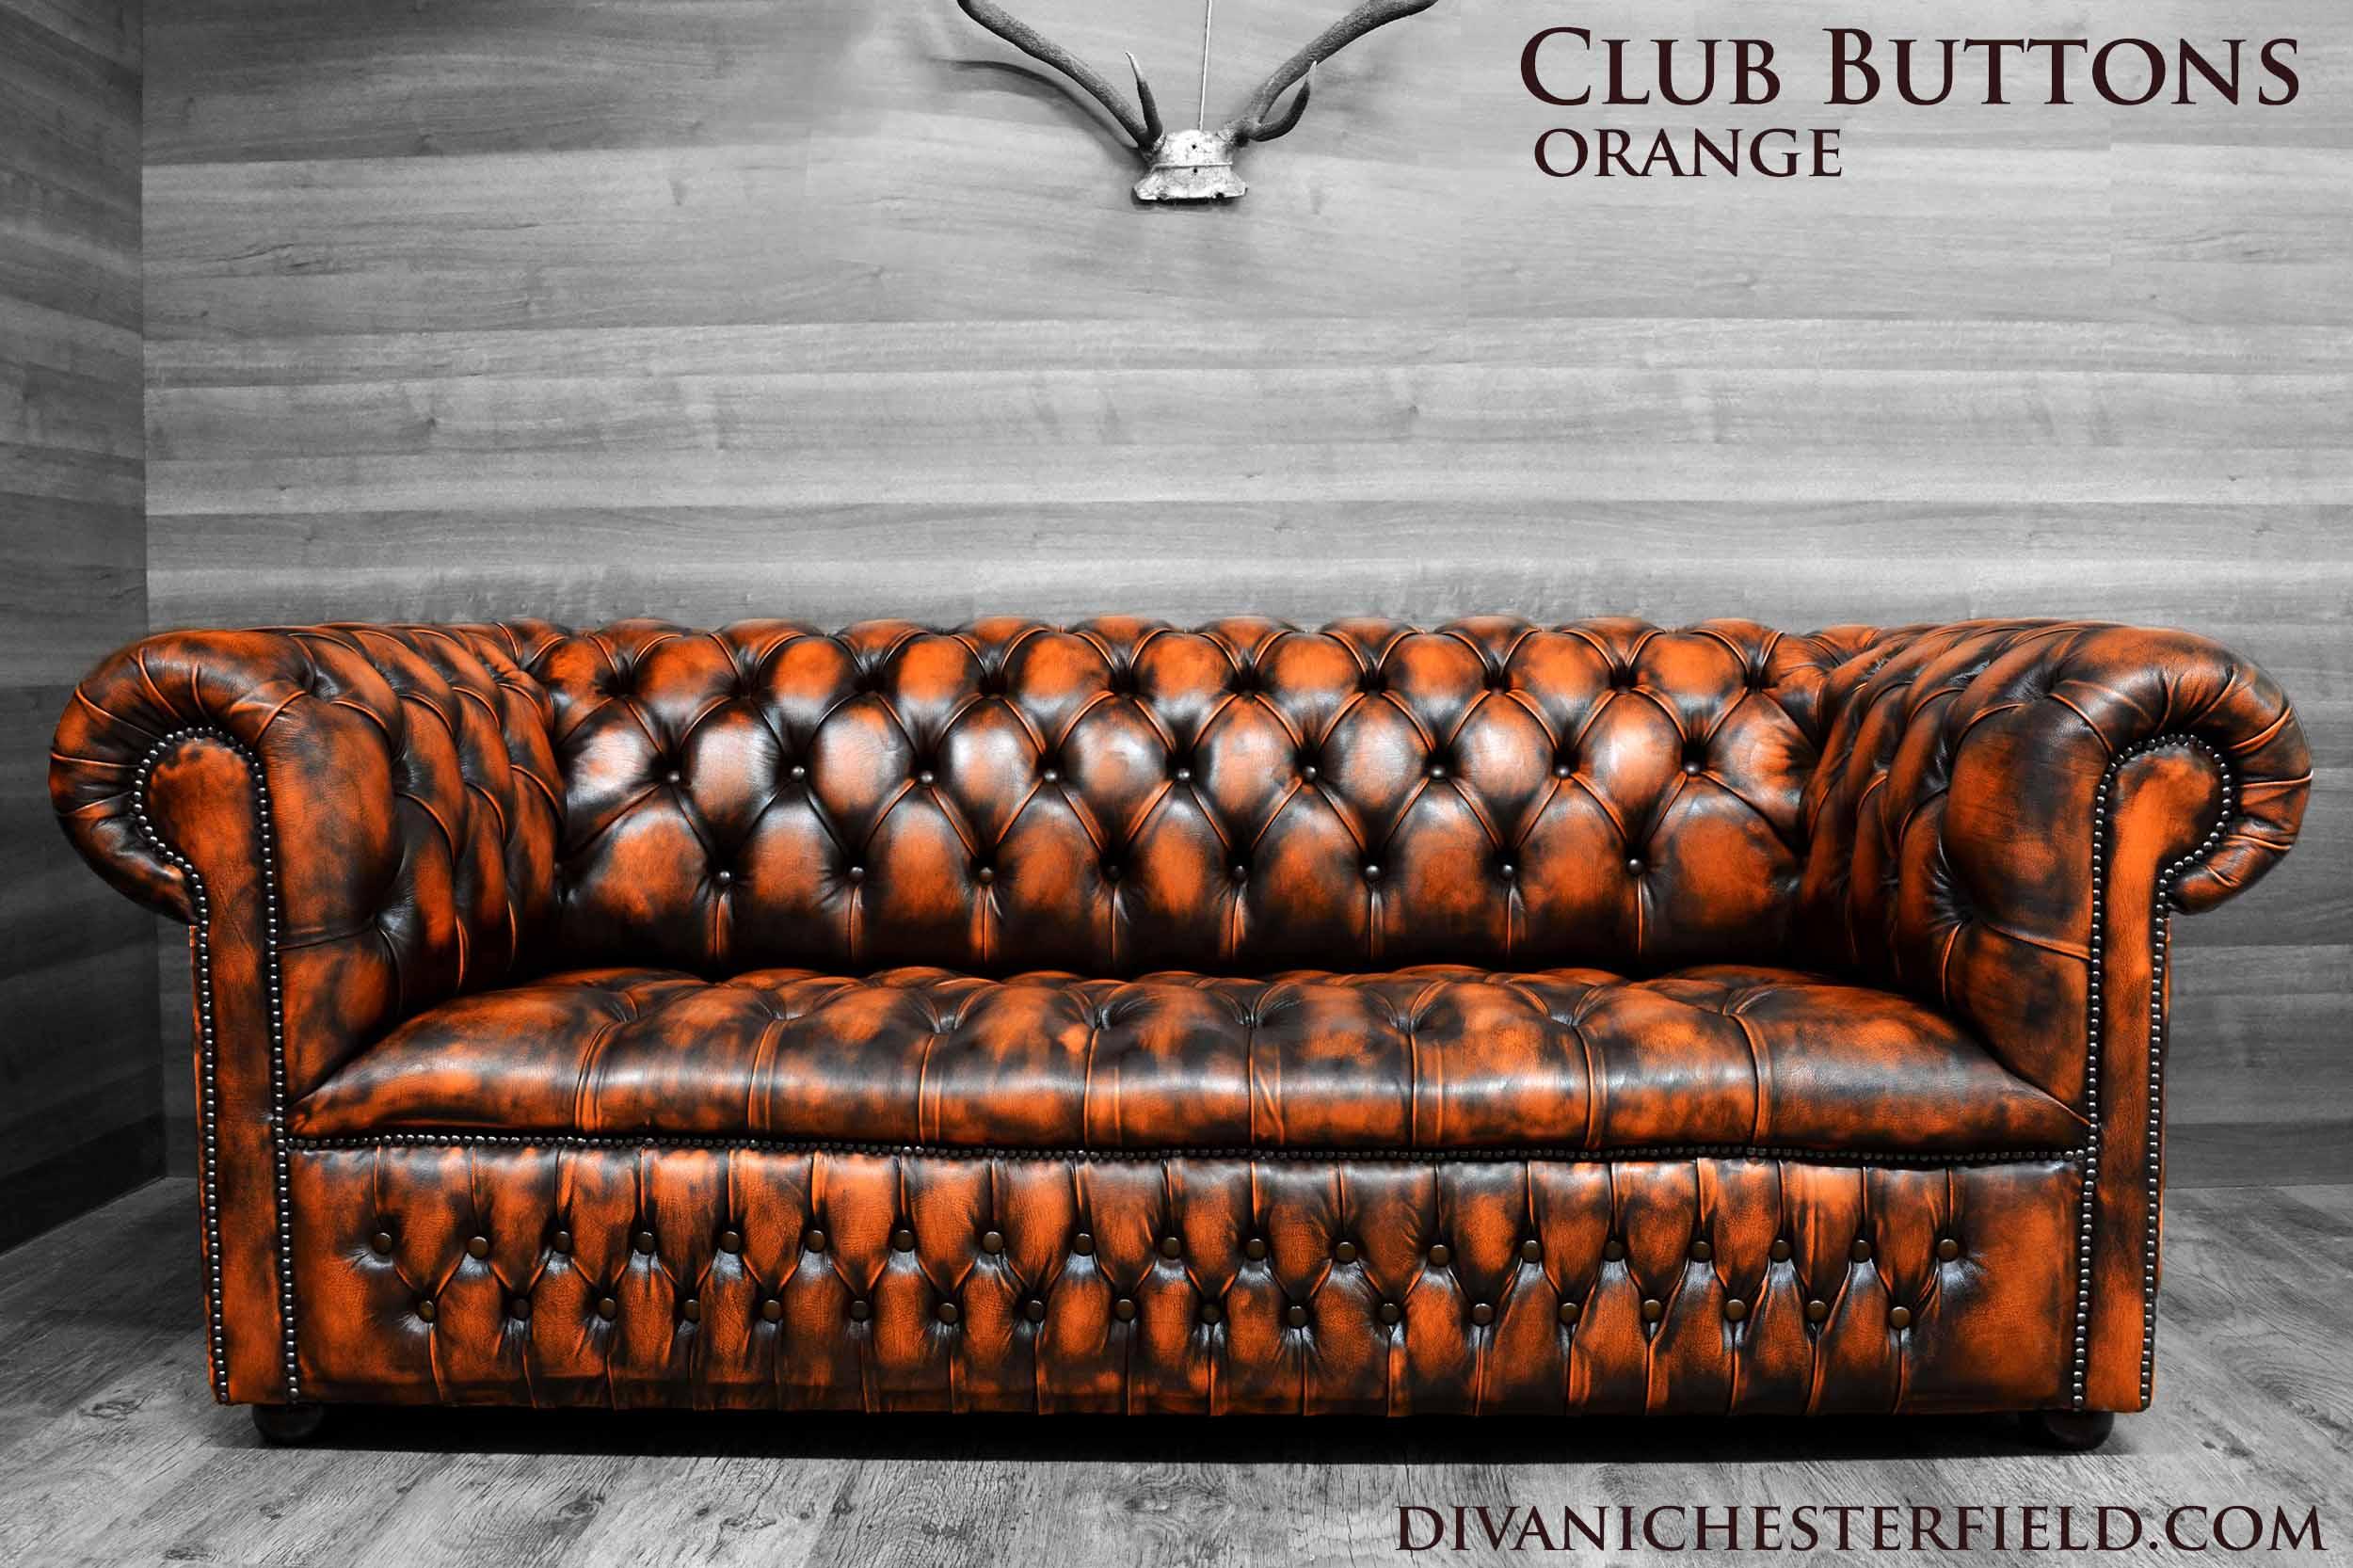 Divani chesterfield vintage pelle arancione nuovi fabbricati in inghilterra - Divano arancione ...